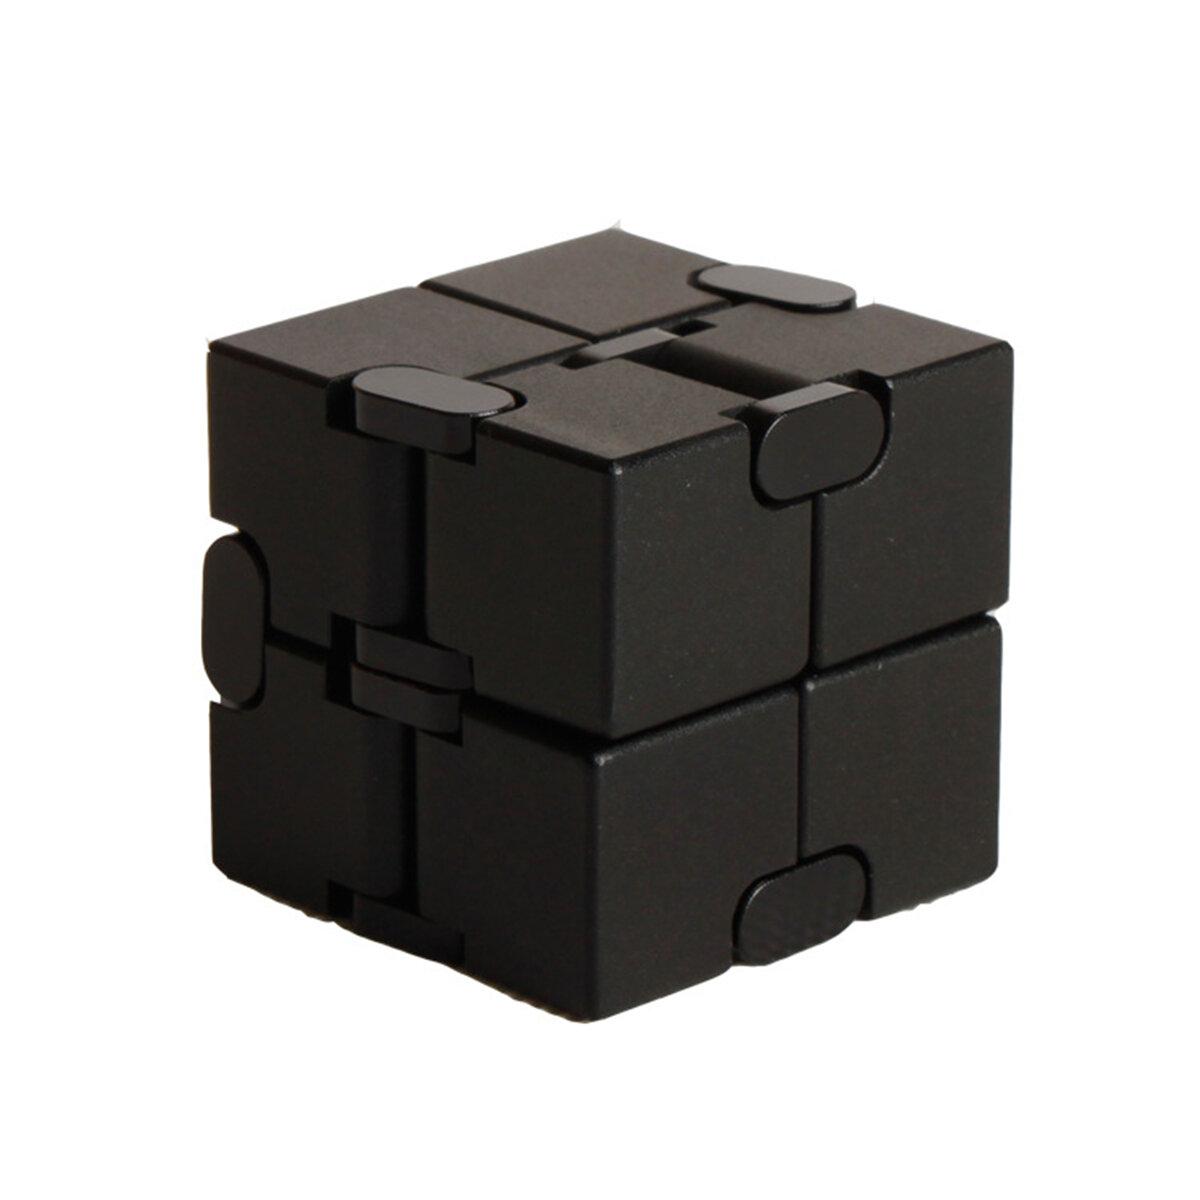 Scrivania Cubo Fidget Toy Adulti Bambini Stress Relief di ADHD concentrazione Regalo